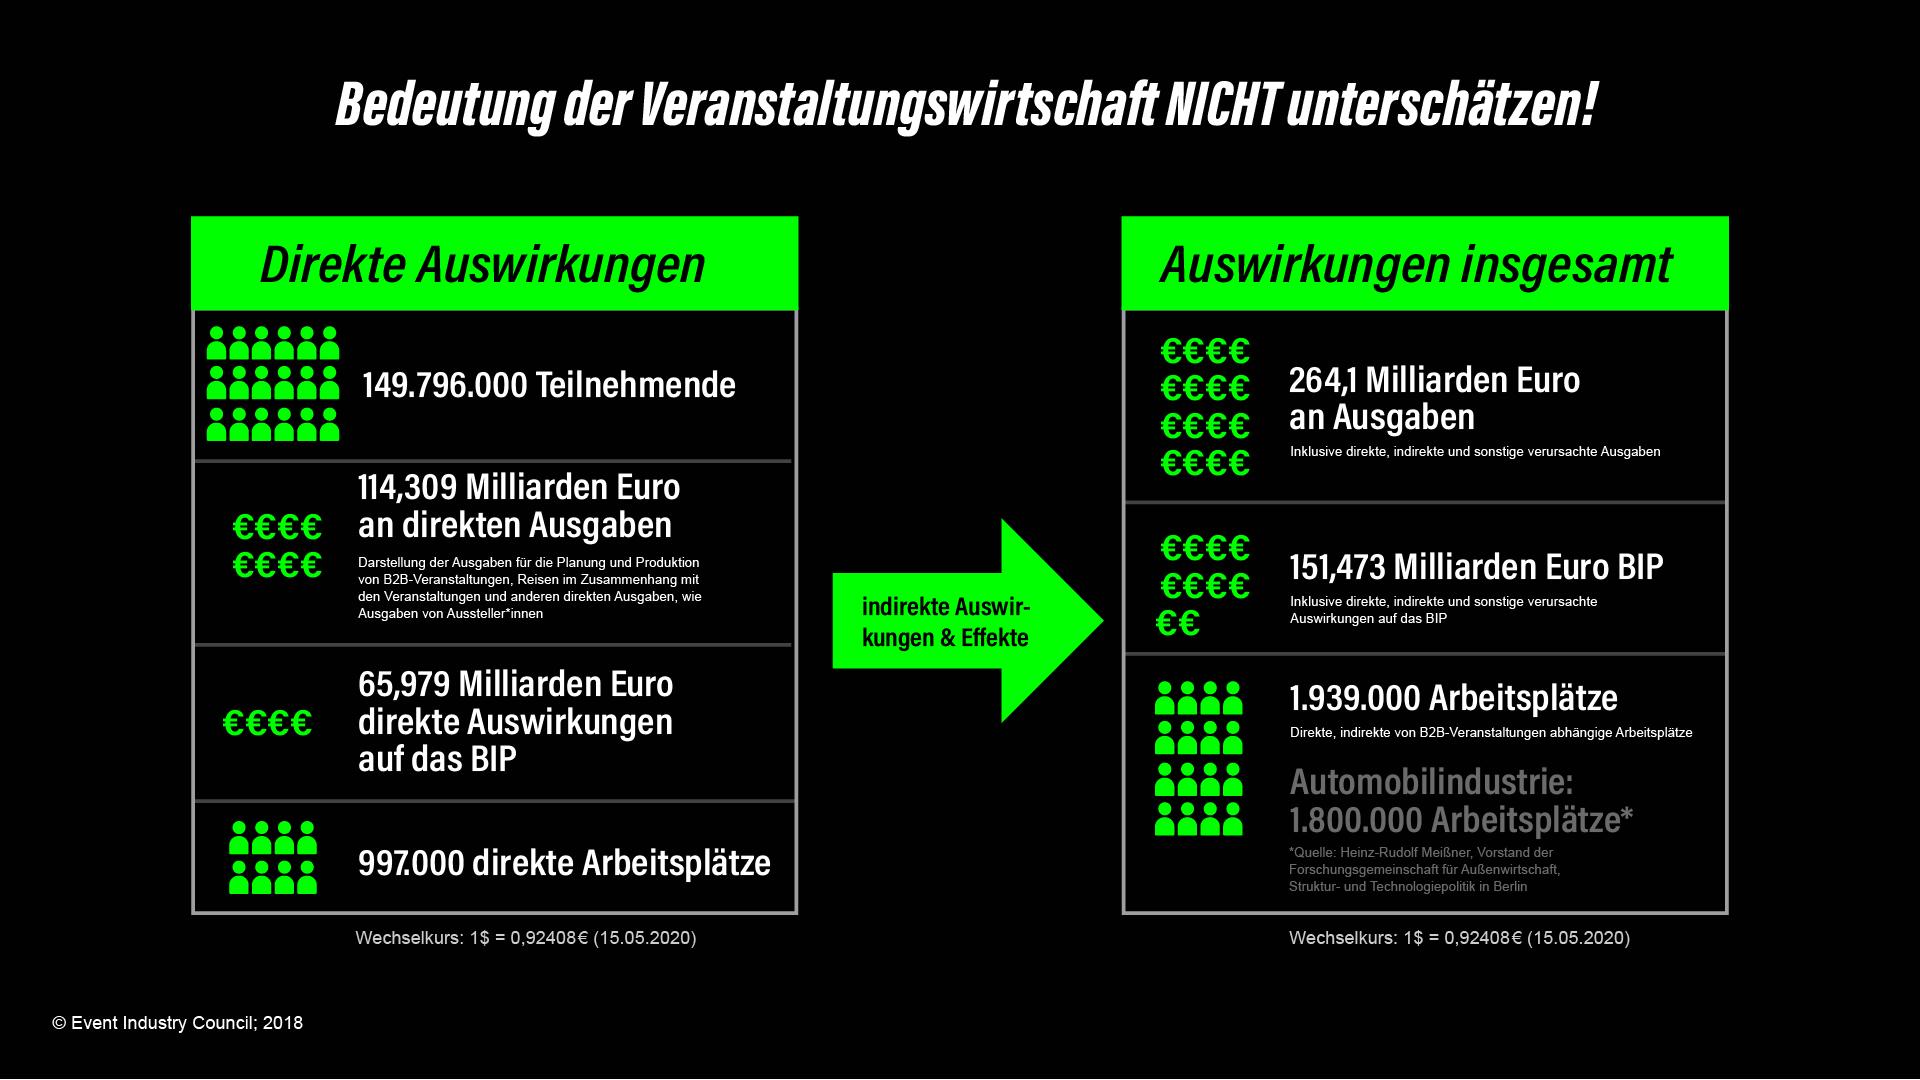 VW_direkte-Auswirkungen-Auswirkungen-gesamt